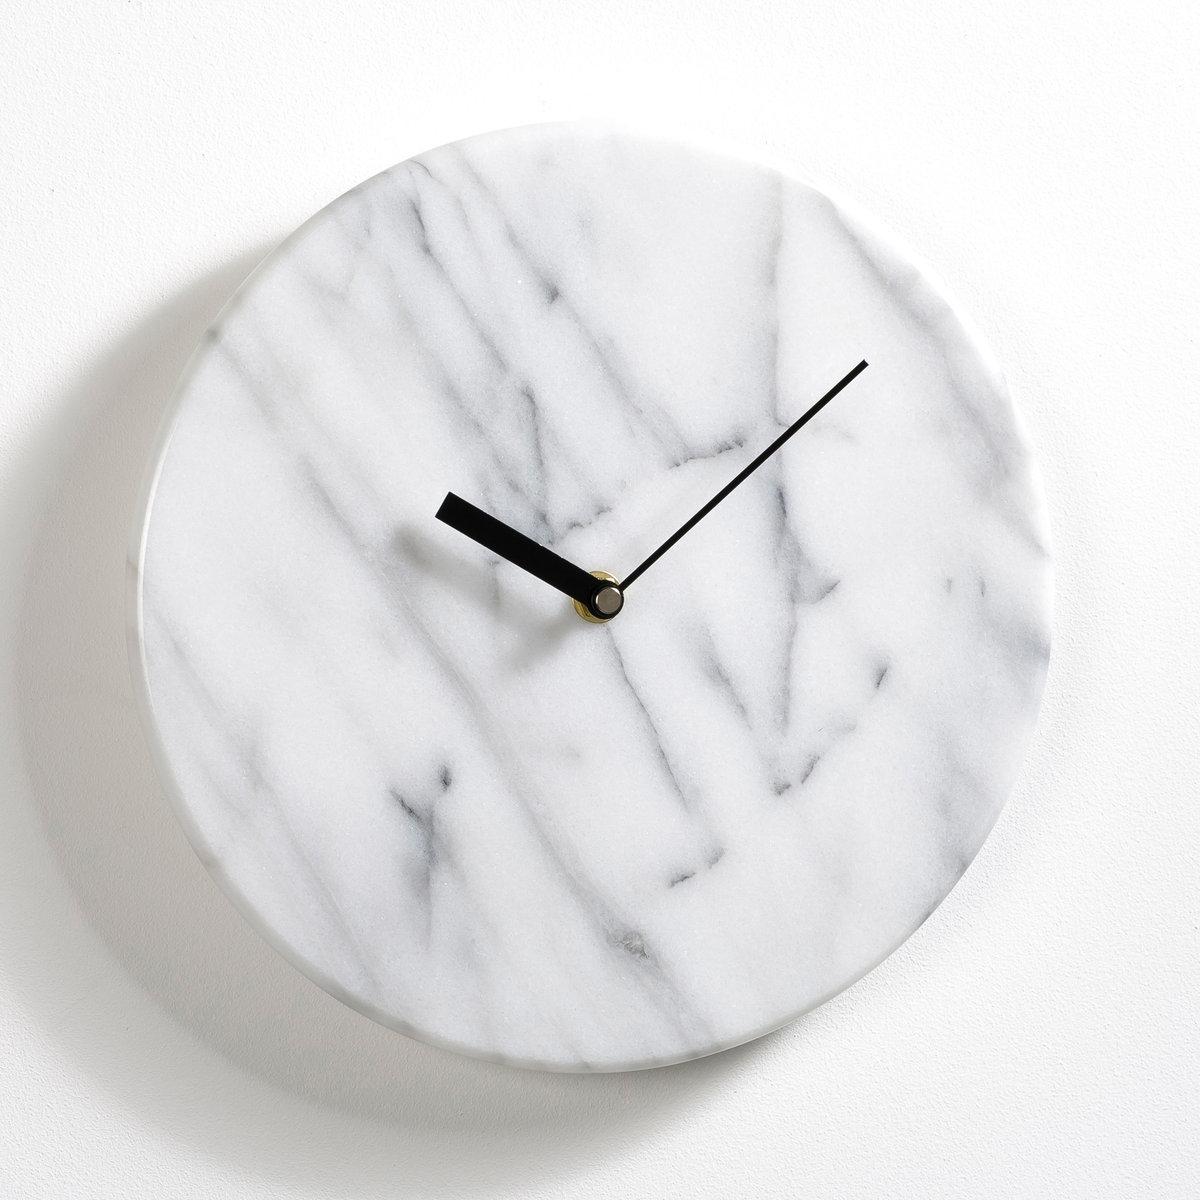 Часы настенные из мрамора ?25,4 см, GemmaЧасы из мрамора. Нотка элегантности в ваш интерьер. Кварцевый механизм, питание от 1 батарейки типа LR6  1,5 В  (не входит в комплект). 1 пластинка для крепления на стену.Размеры  : диаметр 25,4 см x толщина 4 см .<br><br>Цвет: белый мрамор